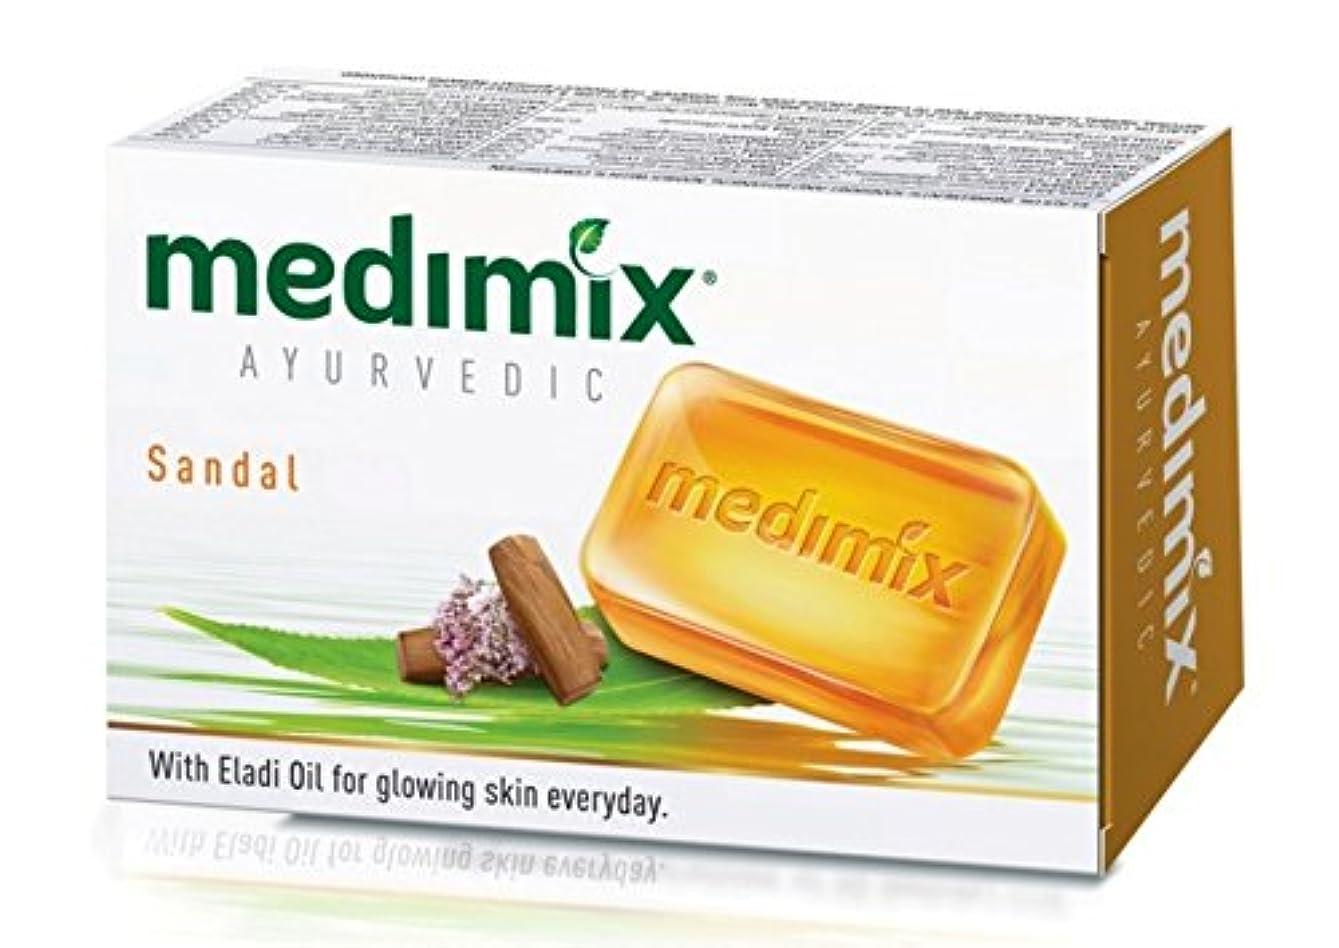 柱委任橋【medimix国内正規品】メディミックス Sandal ハーブから作られたオーガニック石鹸